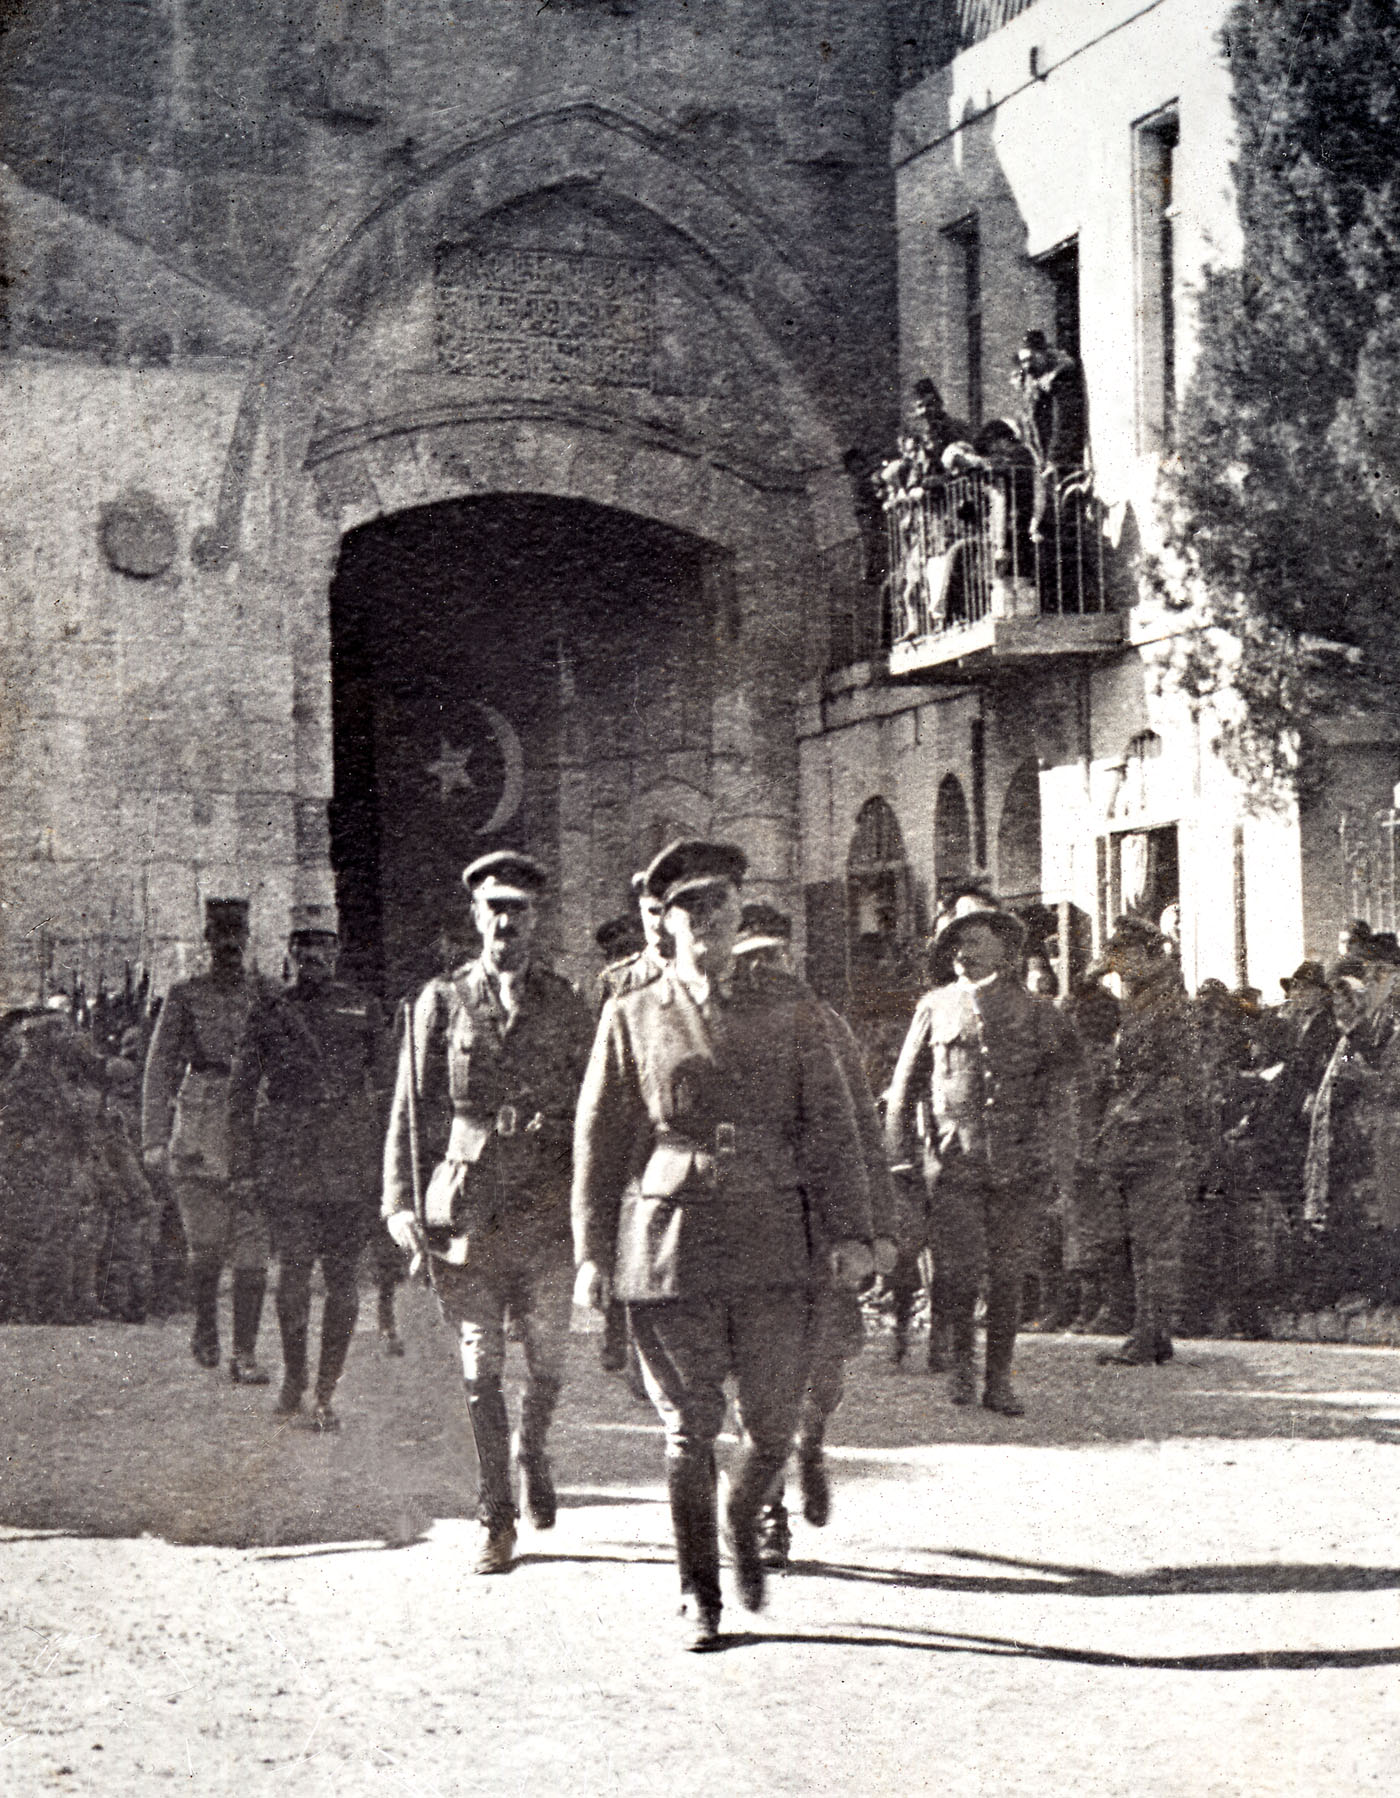 General Allenby entering Jerusalem at the Jaffa Gate Dec 1917